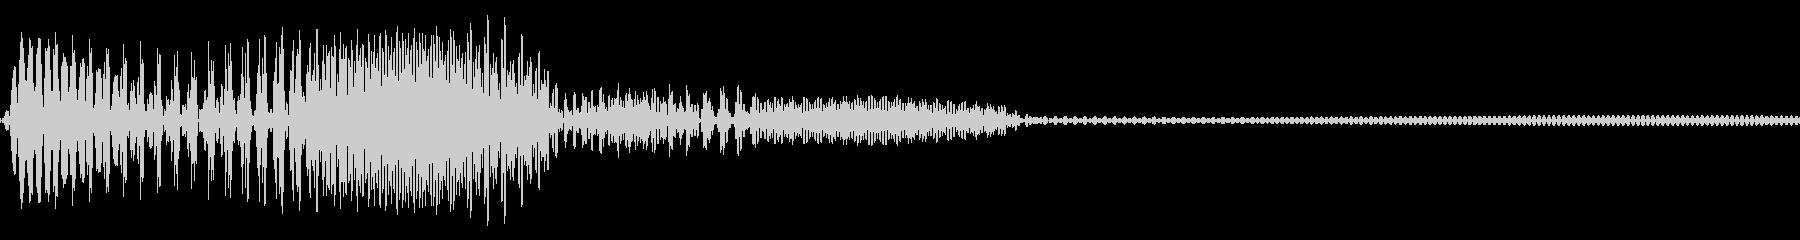 ビープ音の音19の未再生の波形